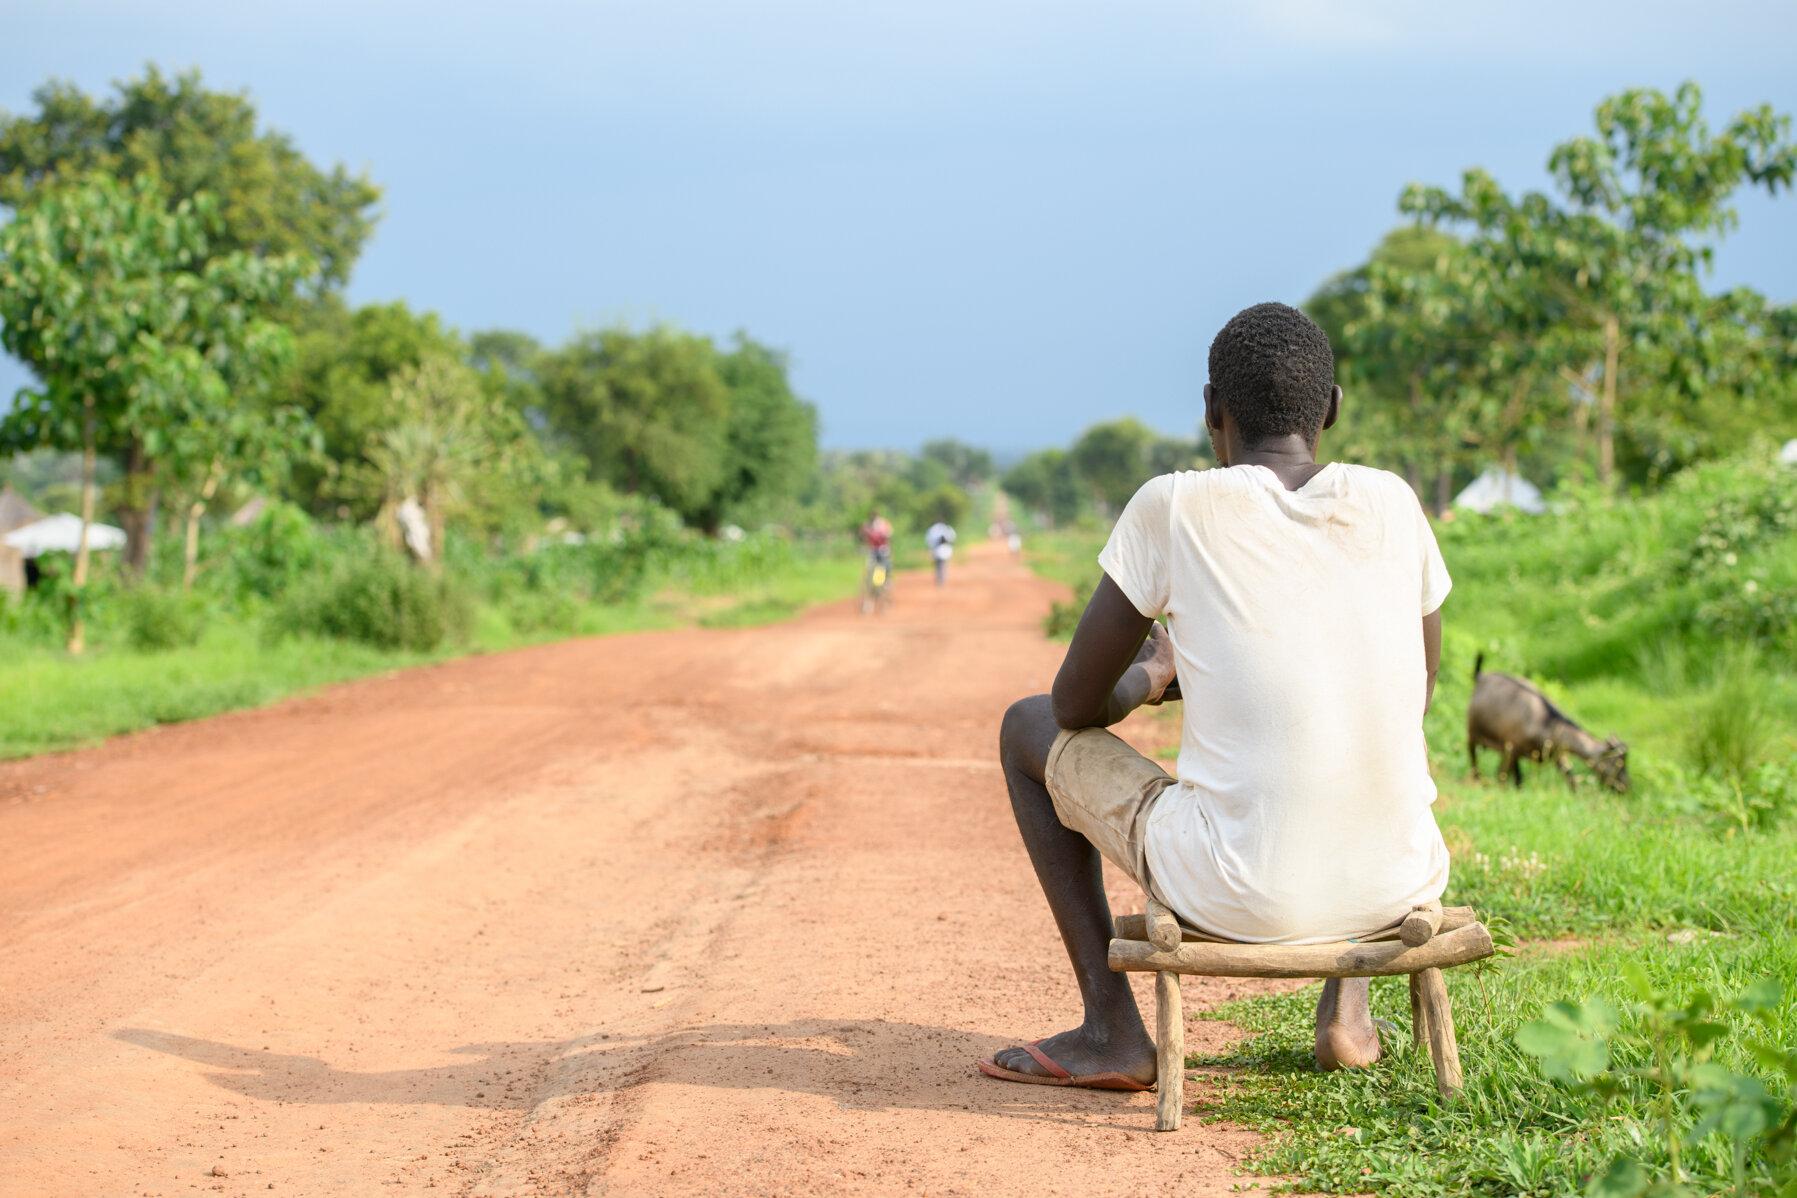 Lomuju sitzt auf einem Stuhl und schaut auf den langen Weg vor sich.